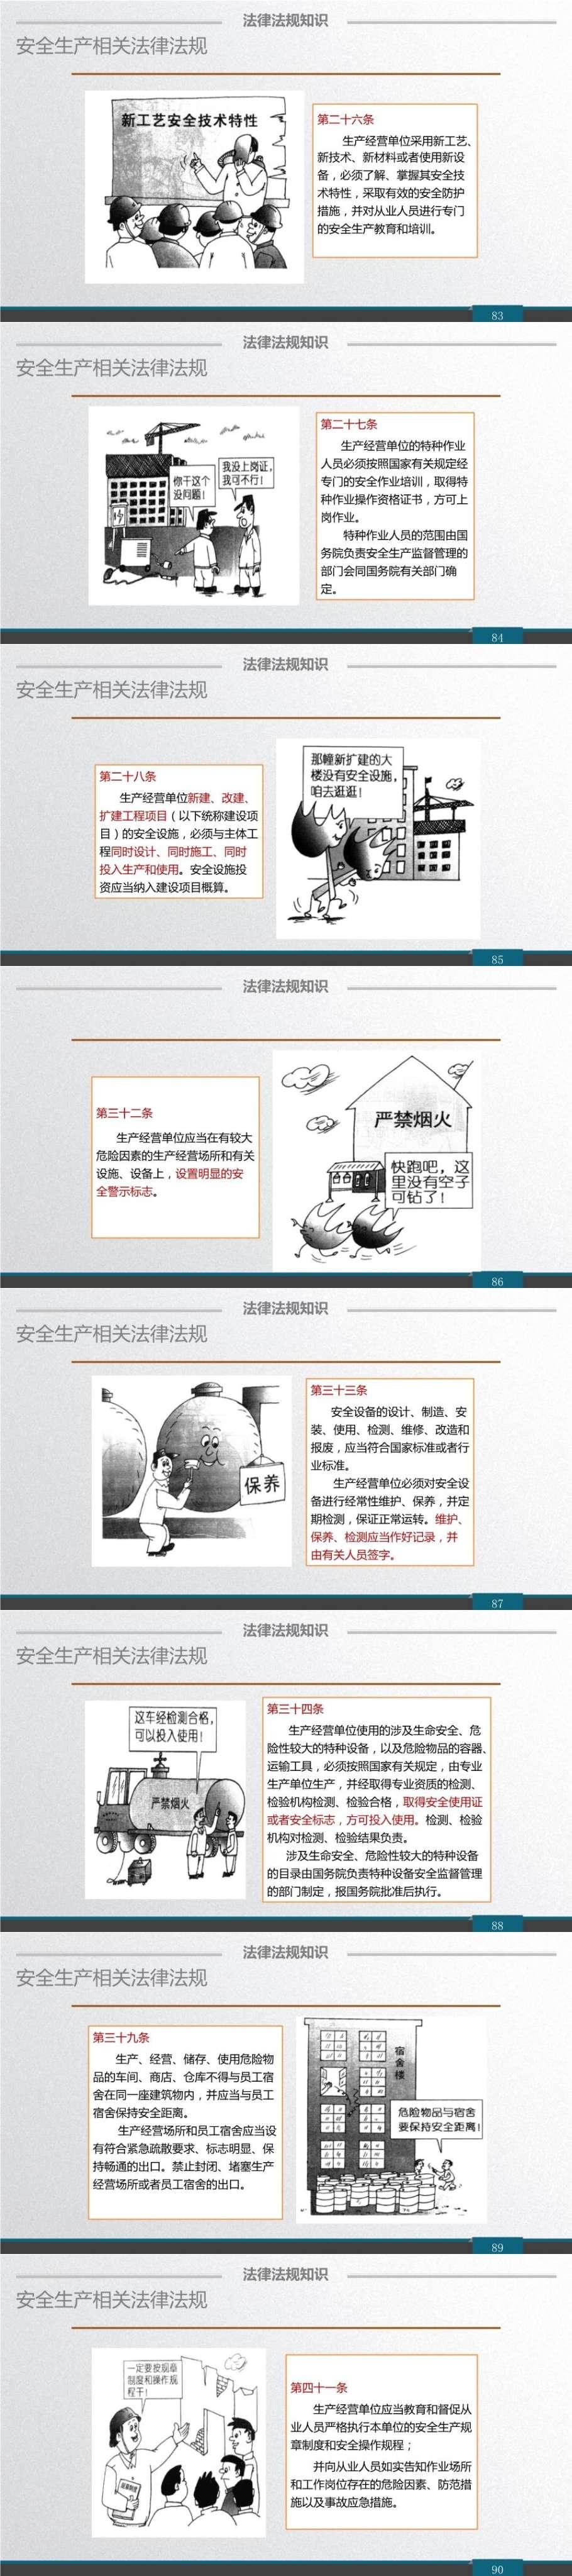 2018新安監人員及企業新員工安全入門培訓89-96_split.jpg